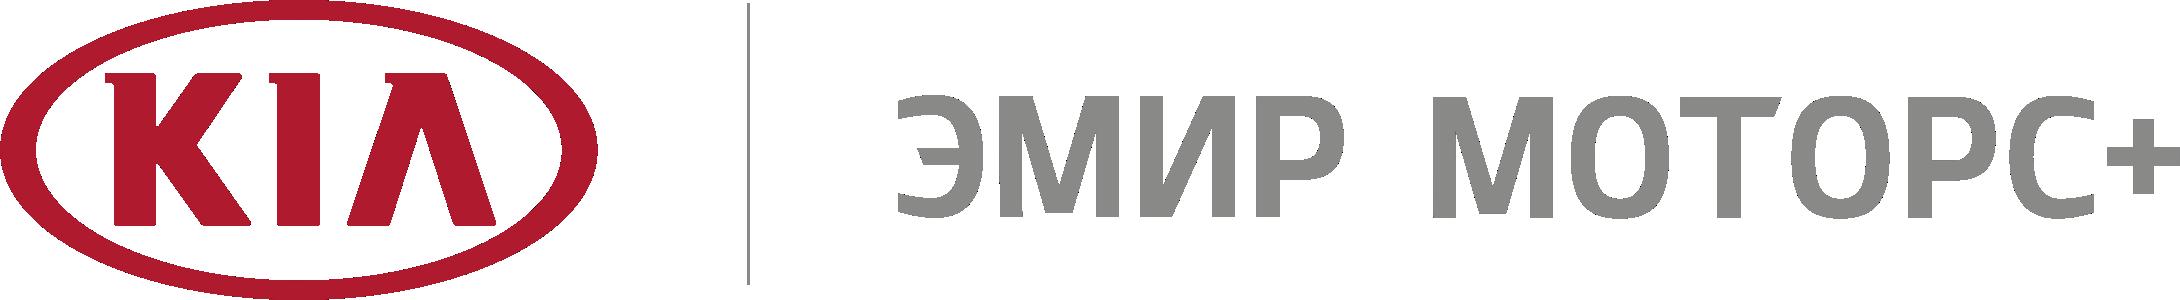 Автоцентр KIA «Эмир Моторс Плюс»